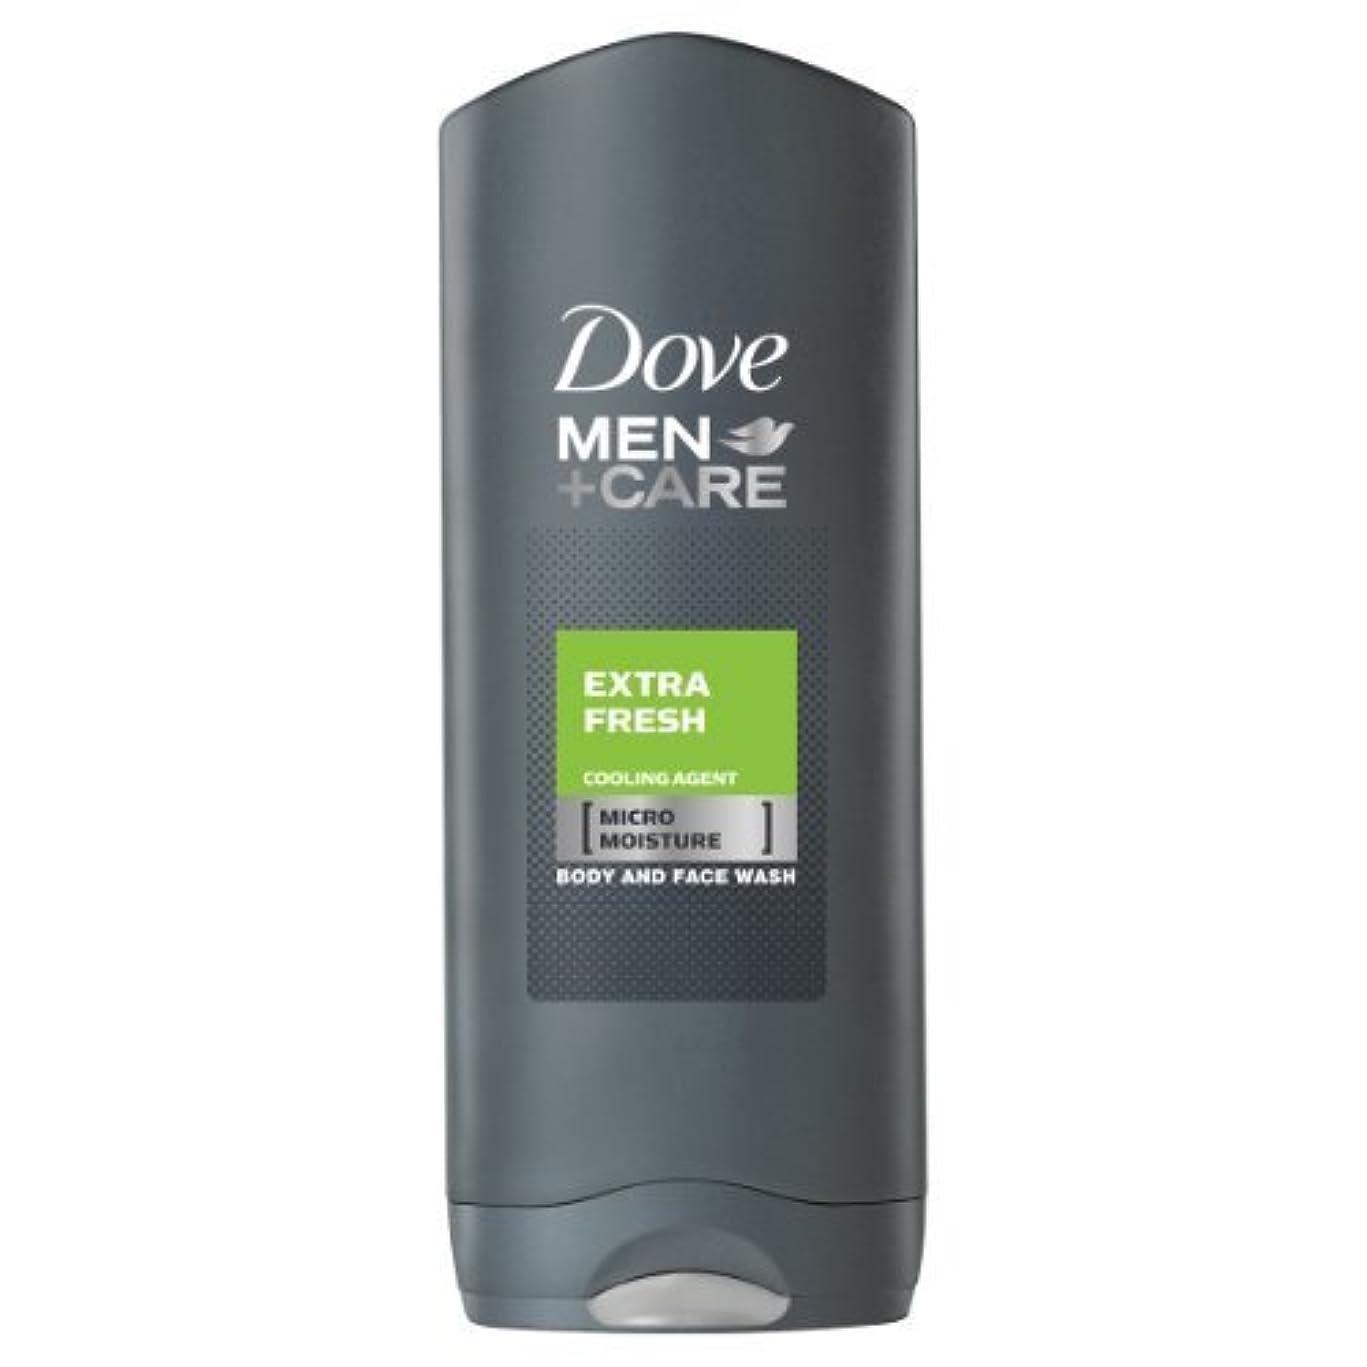 建てるタブレット通路Dove for Men Extra Fresh Body and Face Wash 250 ml by Dove [並行輸入品]